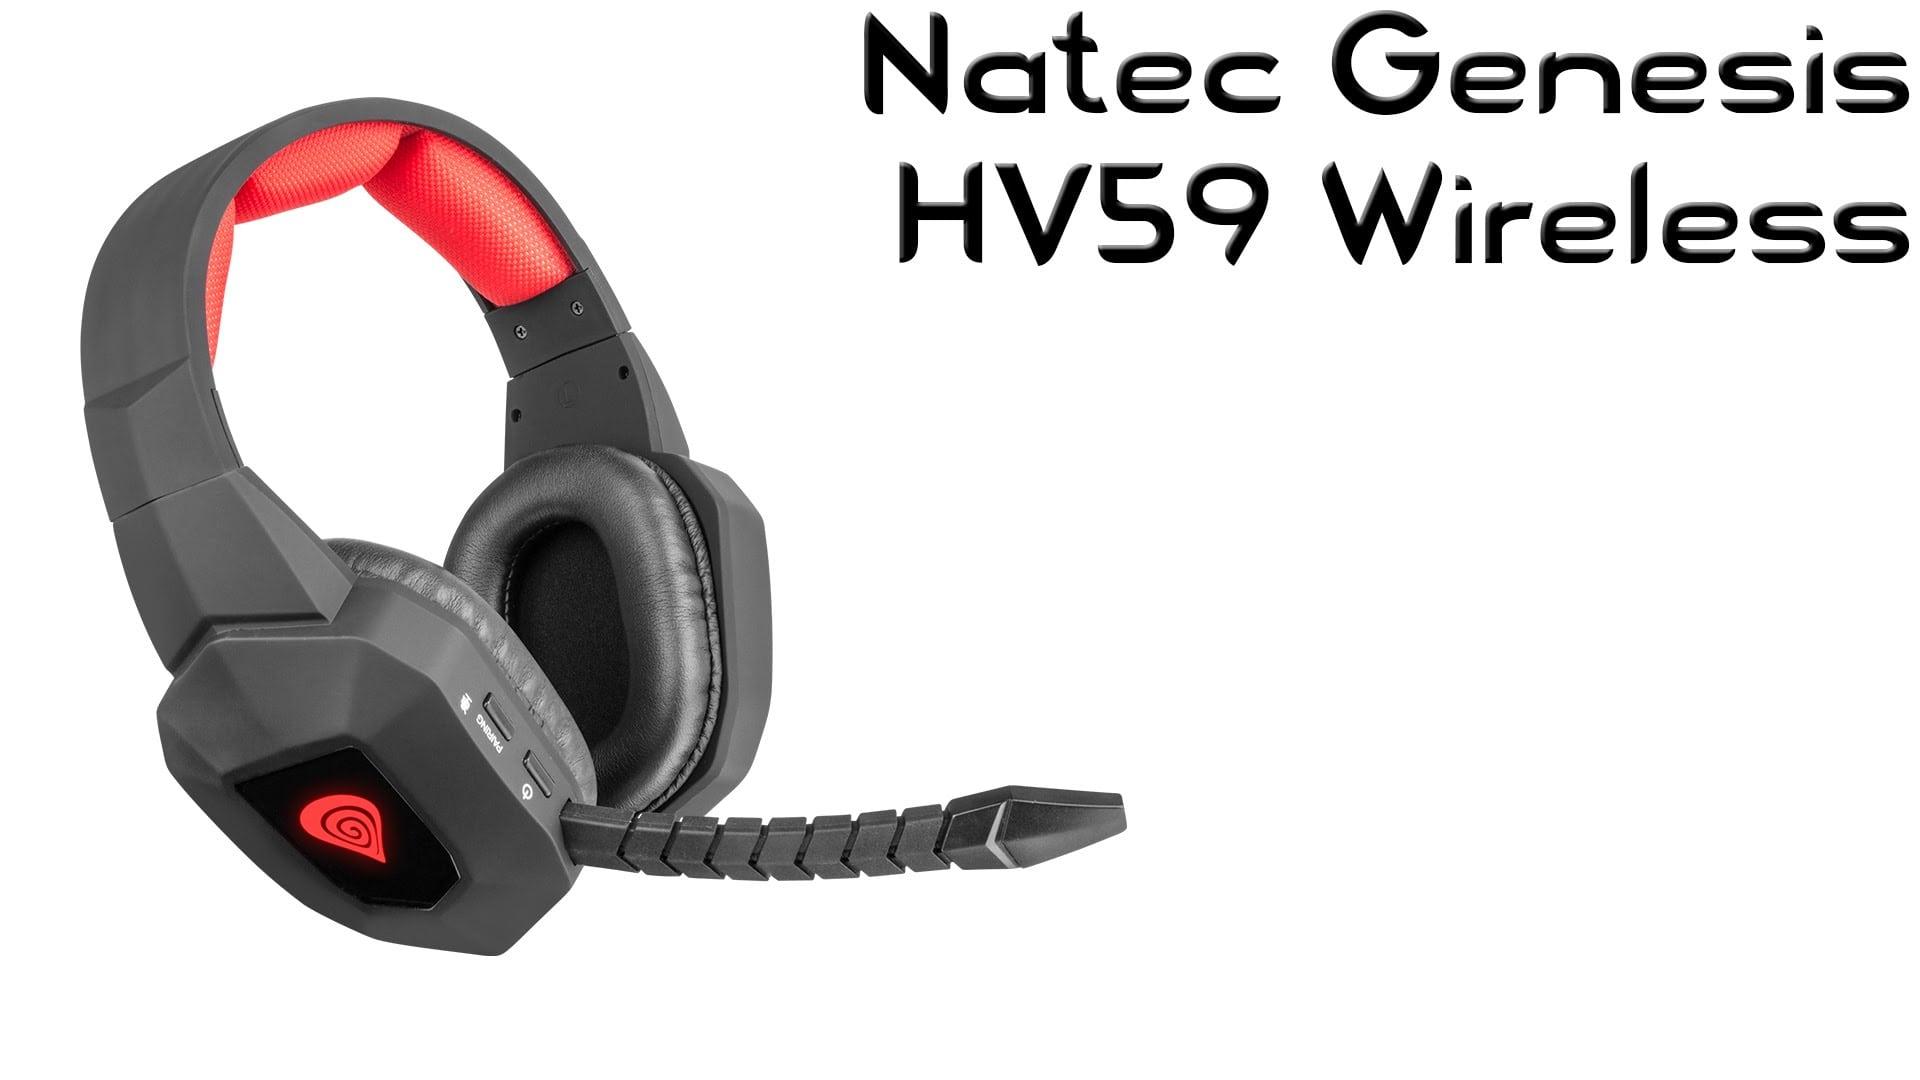 Natec Genesis HV59 Czarno-czerwony